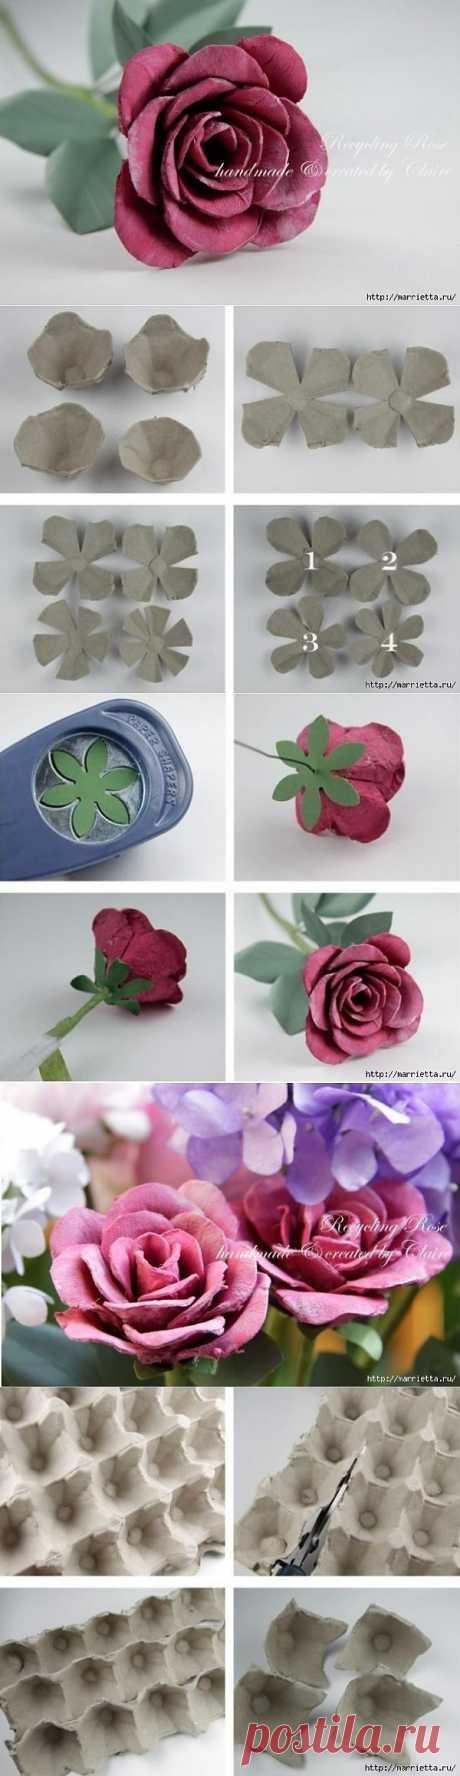 Самые красивые розы из яичных лотков. Мастер-класс